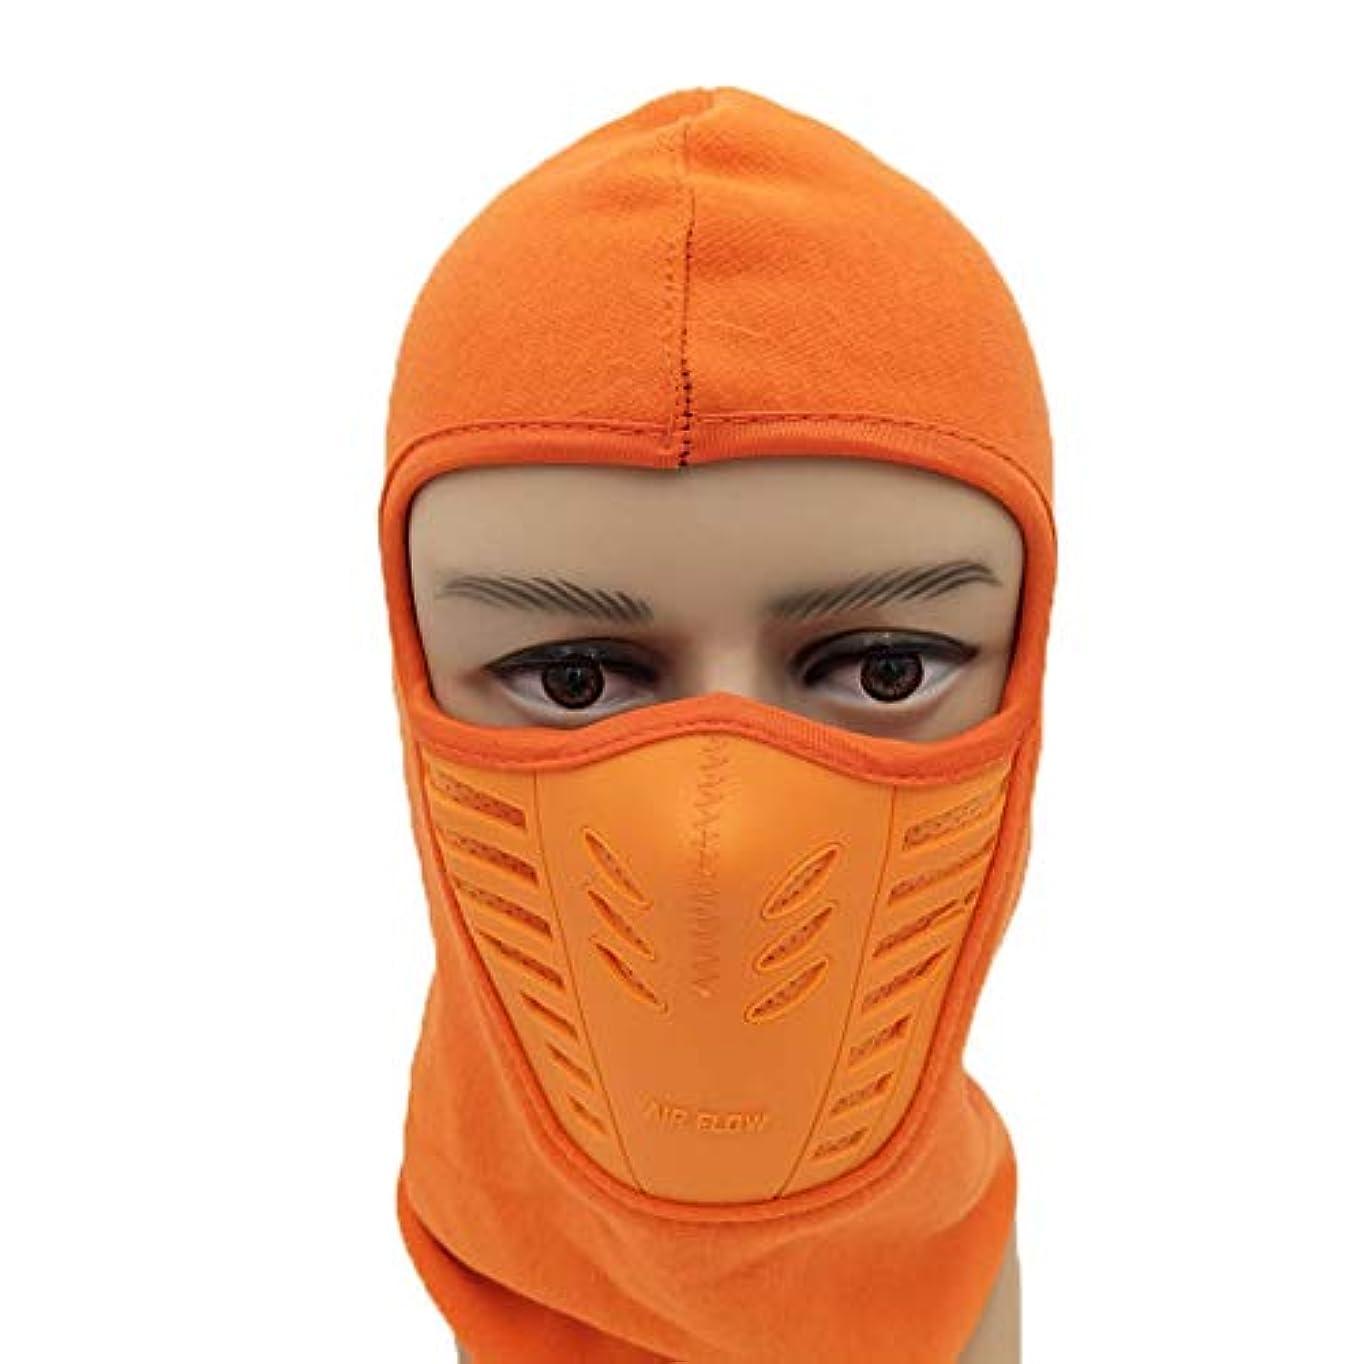 深める国内の義務付けられたXlpウィンターフリースネックウォーマー、フェイスマスクカバー、厚手ロングネックガーターチューブ、ビーニーネックウォーマーフード、ウィンターアウトドアスポーツマスク防風フード帽子